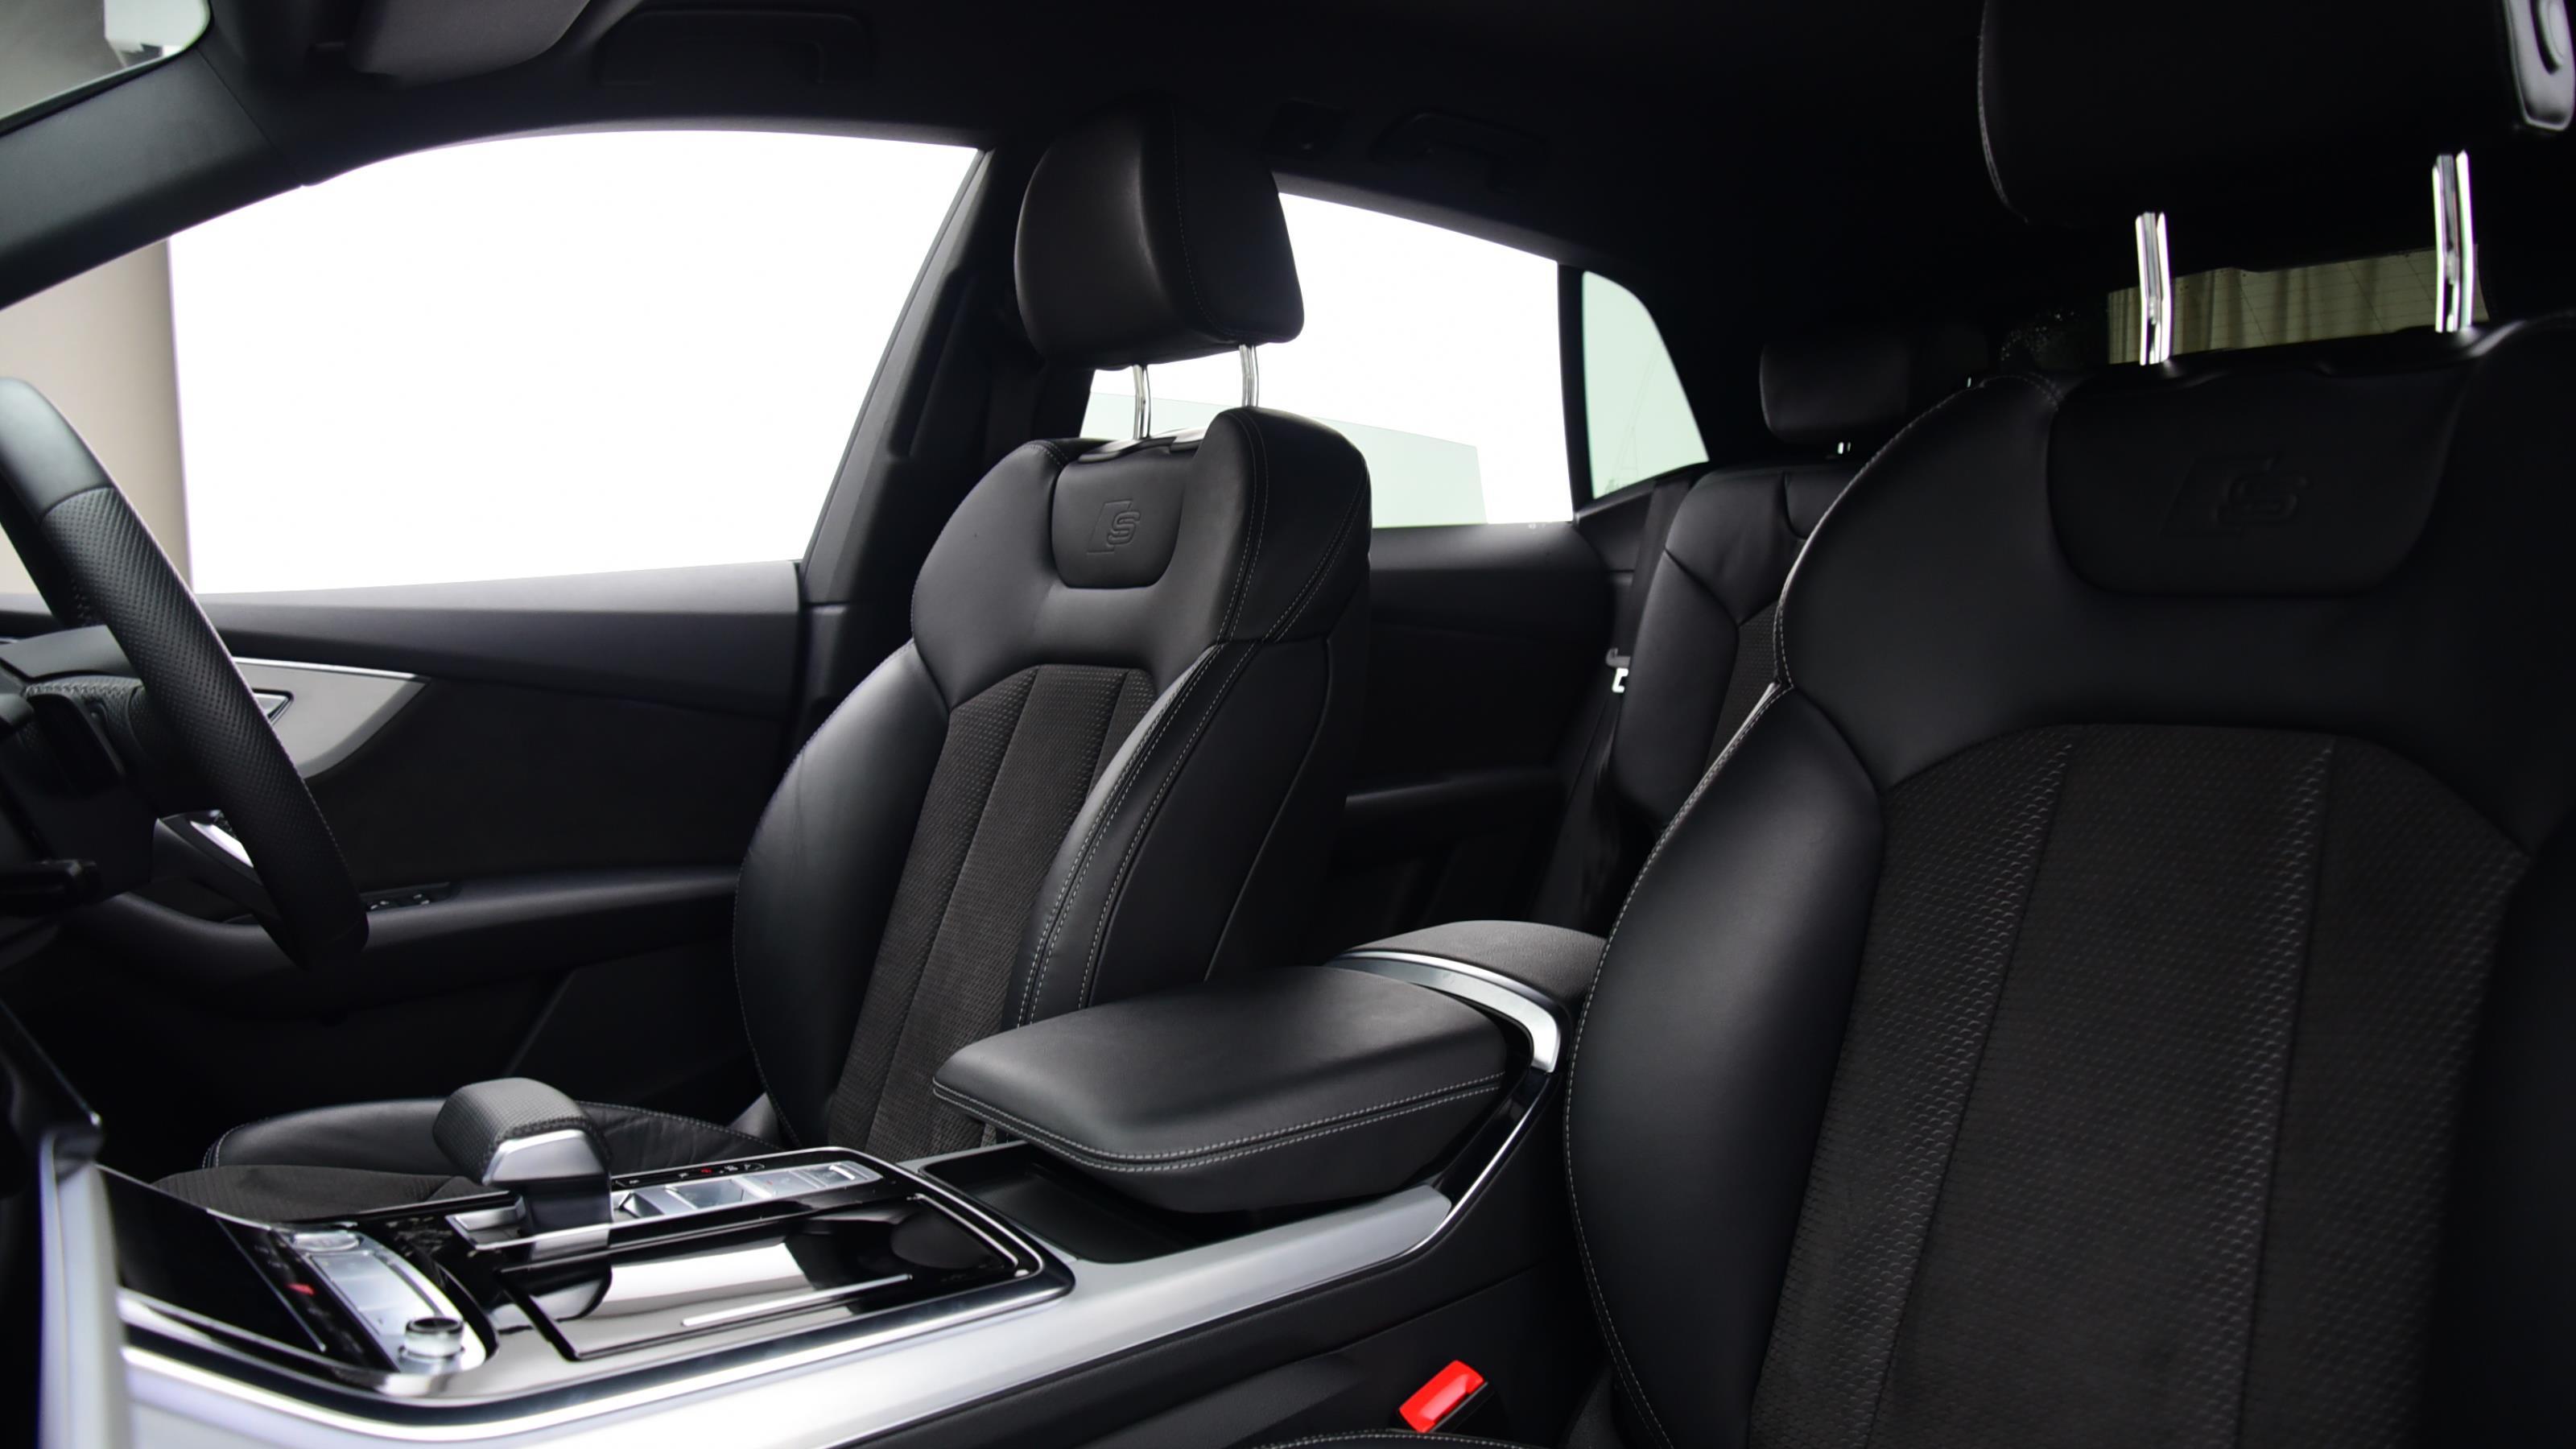 Used 2019 Audi Q8 50 TDI Quattro S Line 5dr Tiptronic GREY at Saxton4x4